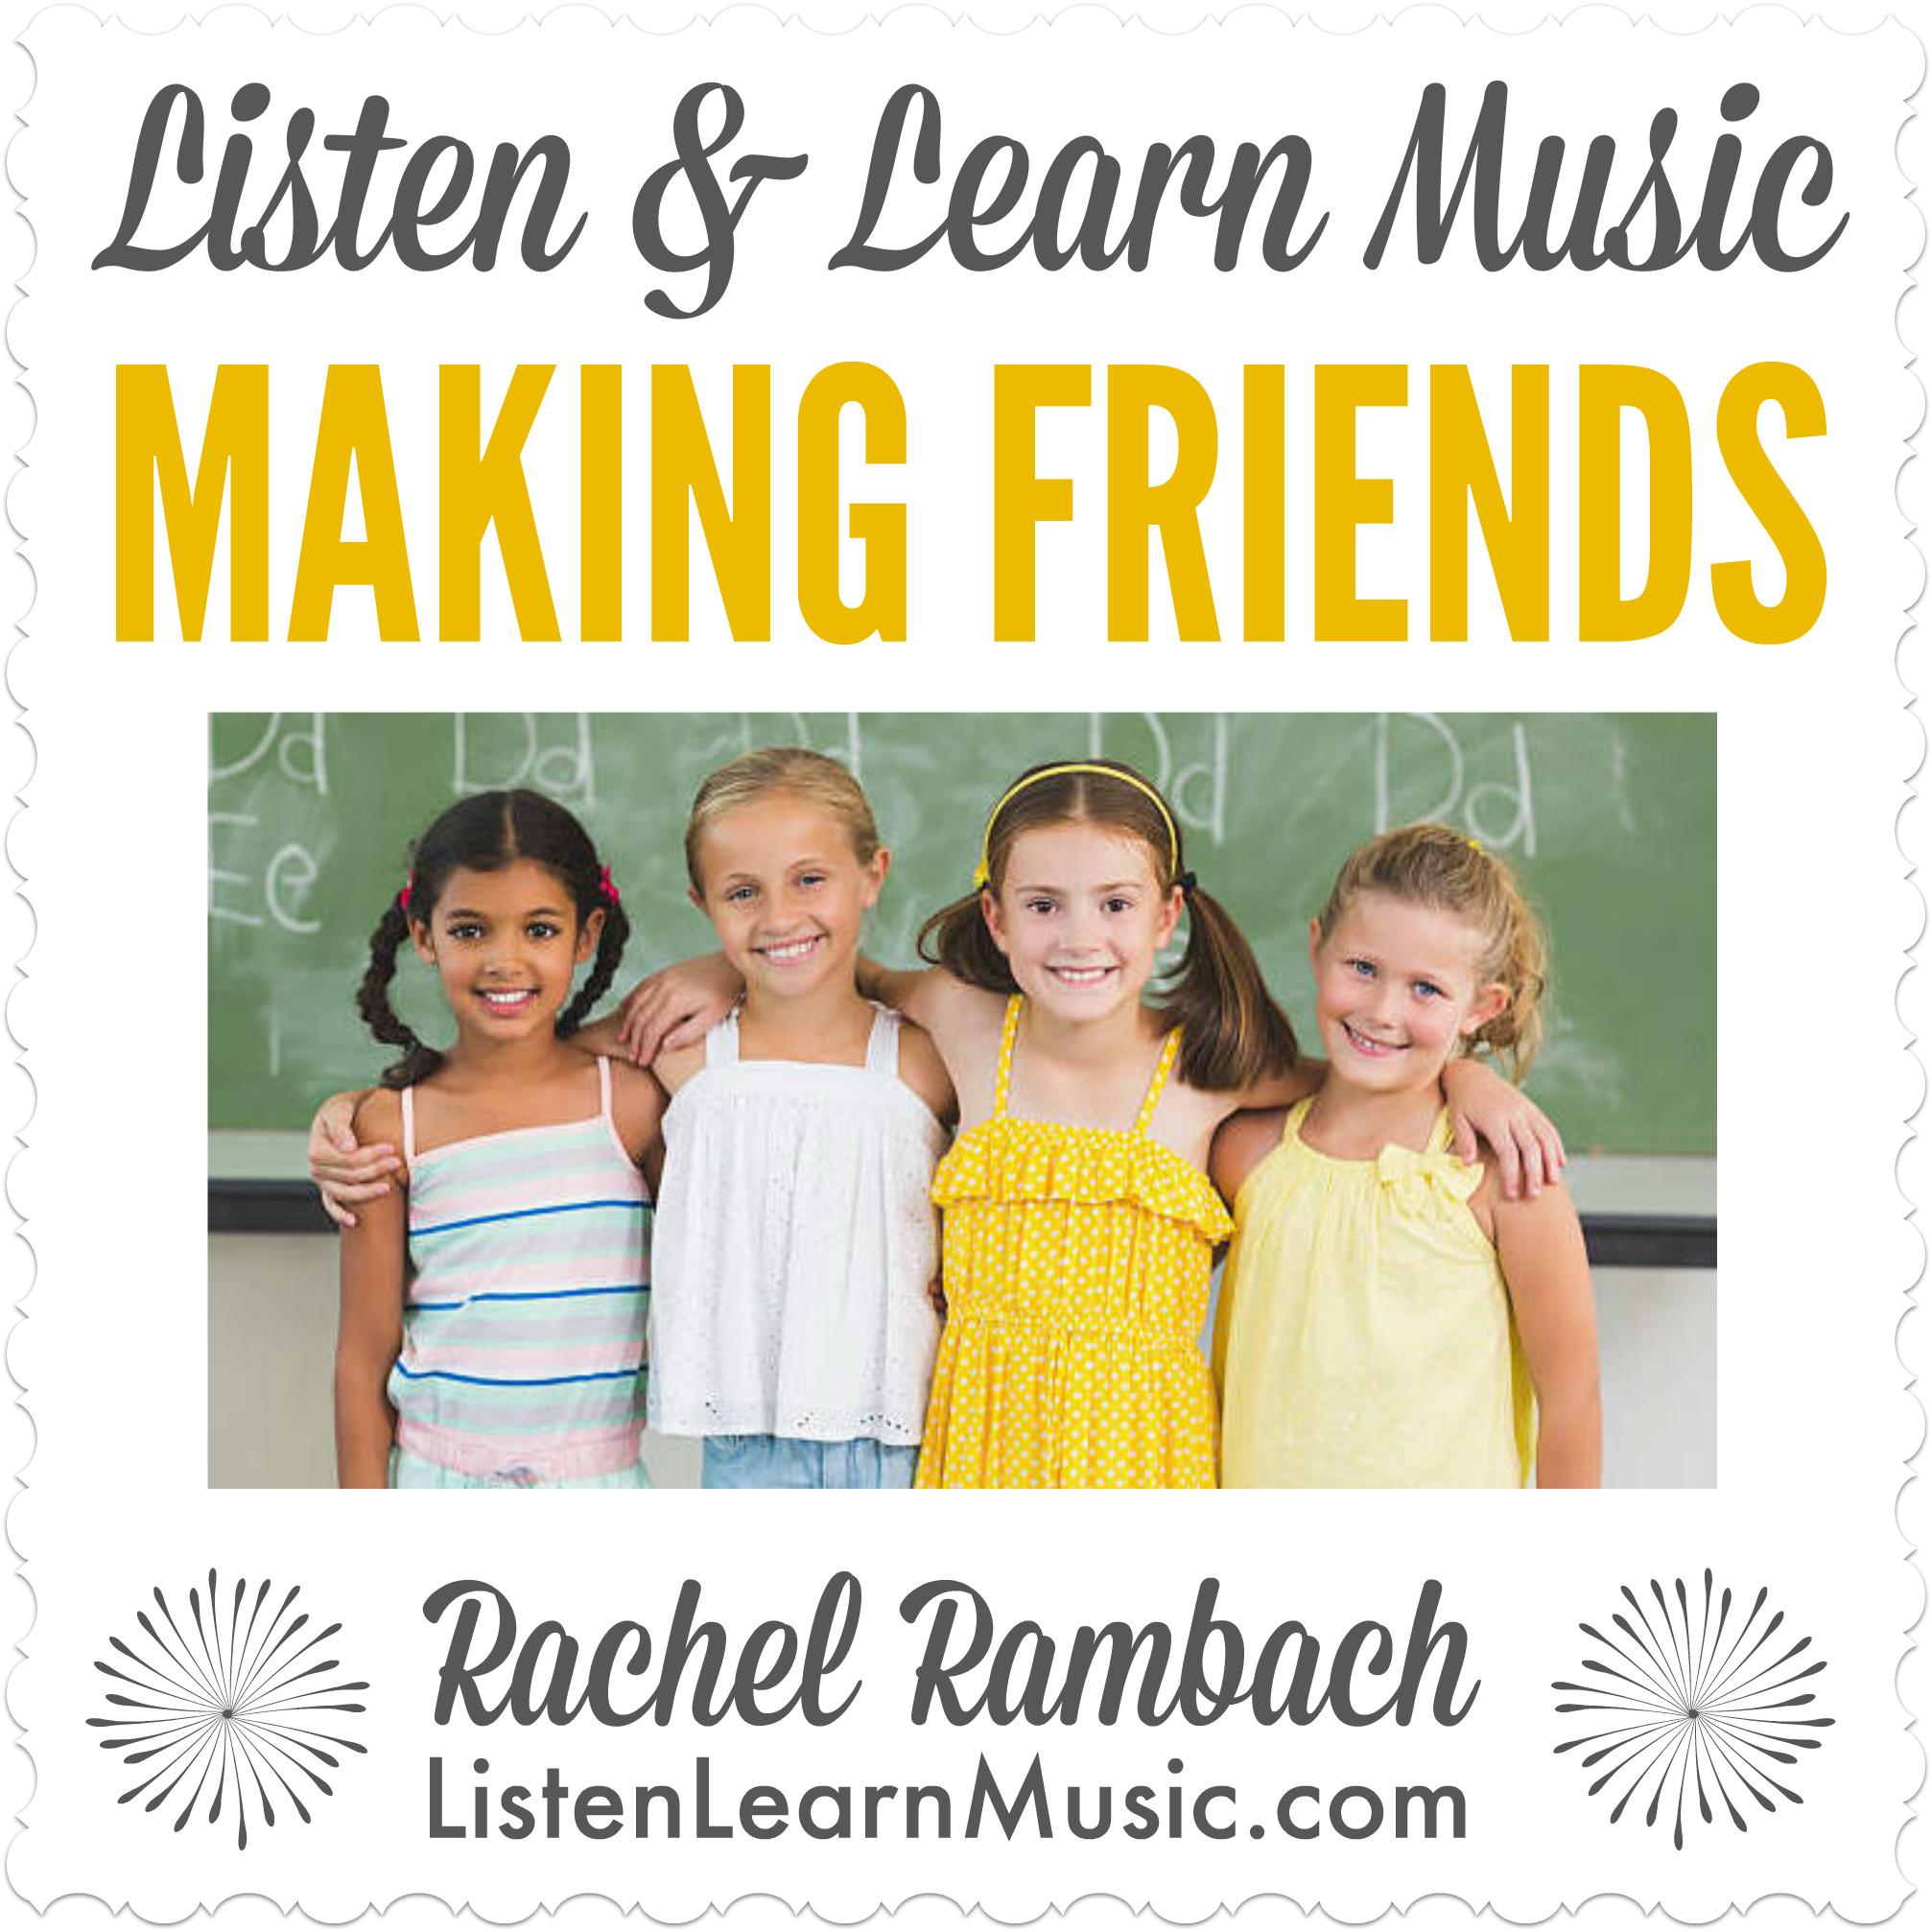 Making Friends | Song for Social Skills | Listen & Learn Music